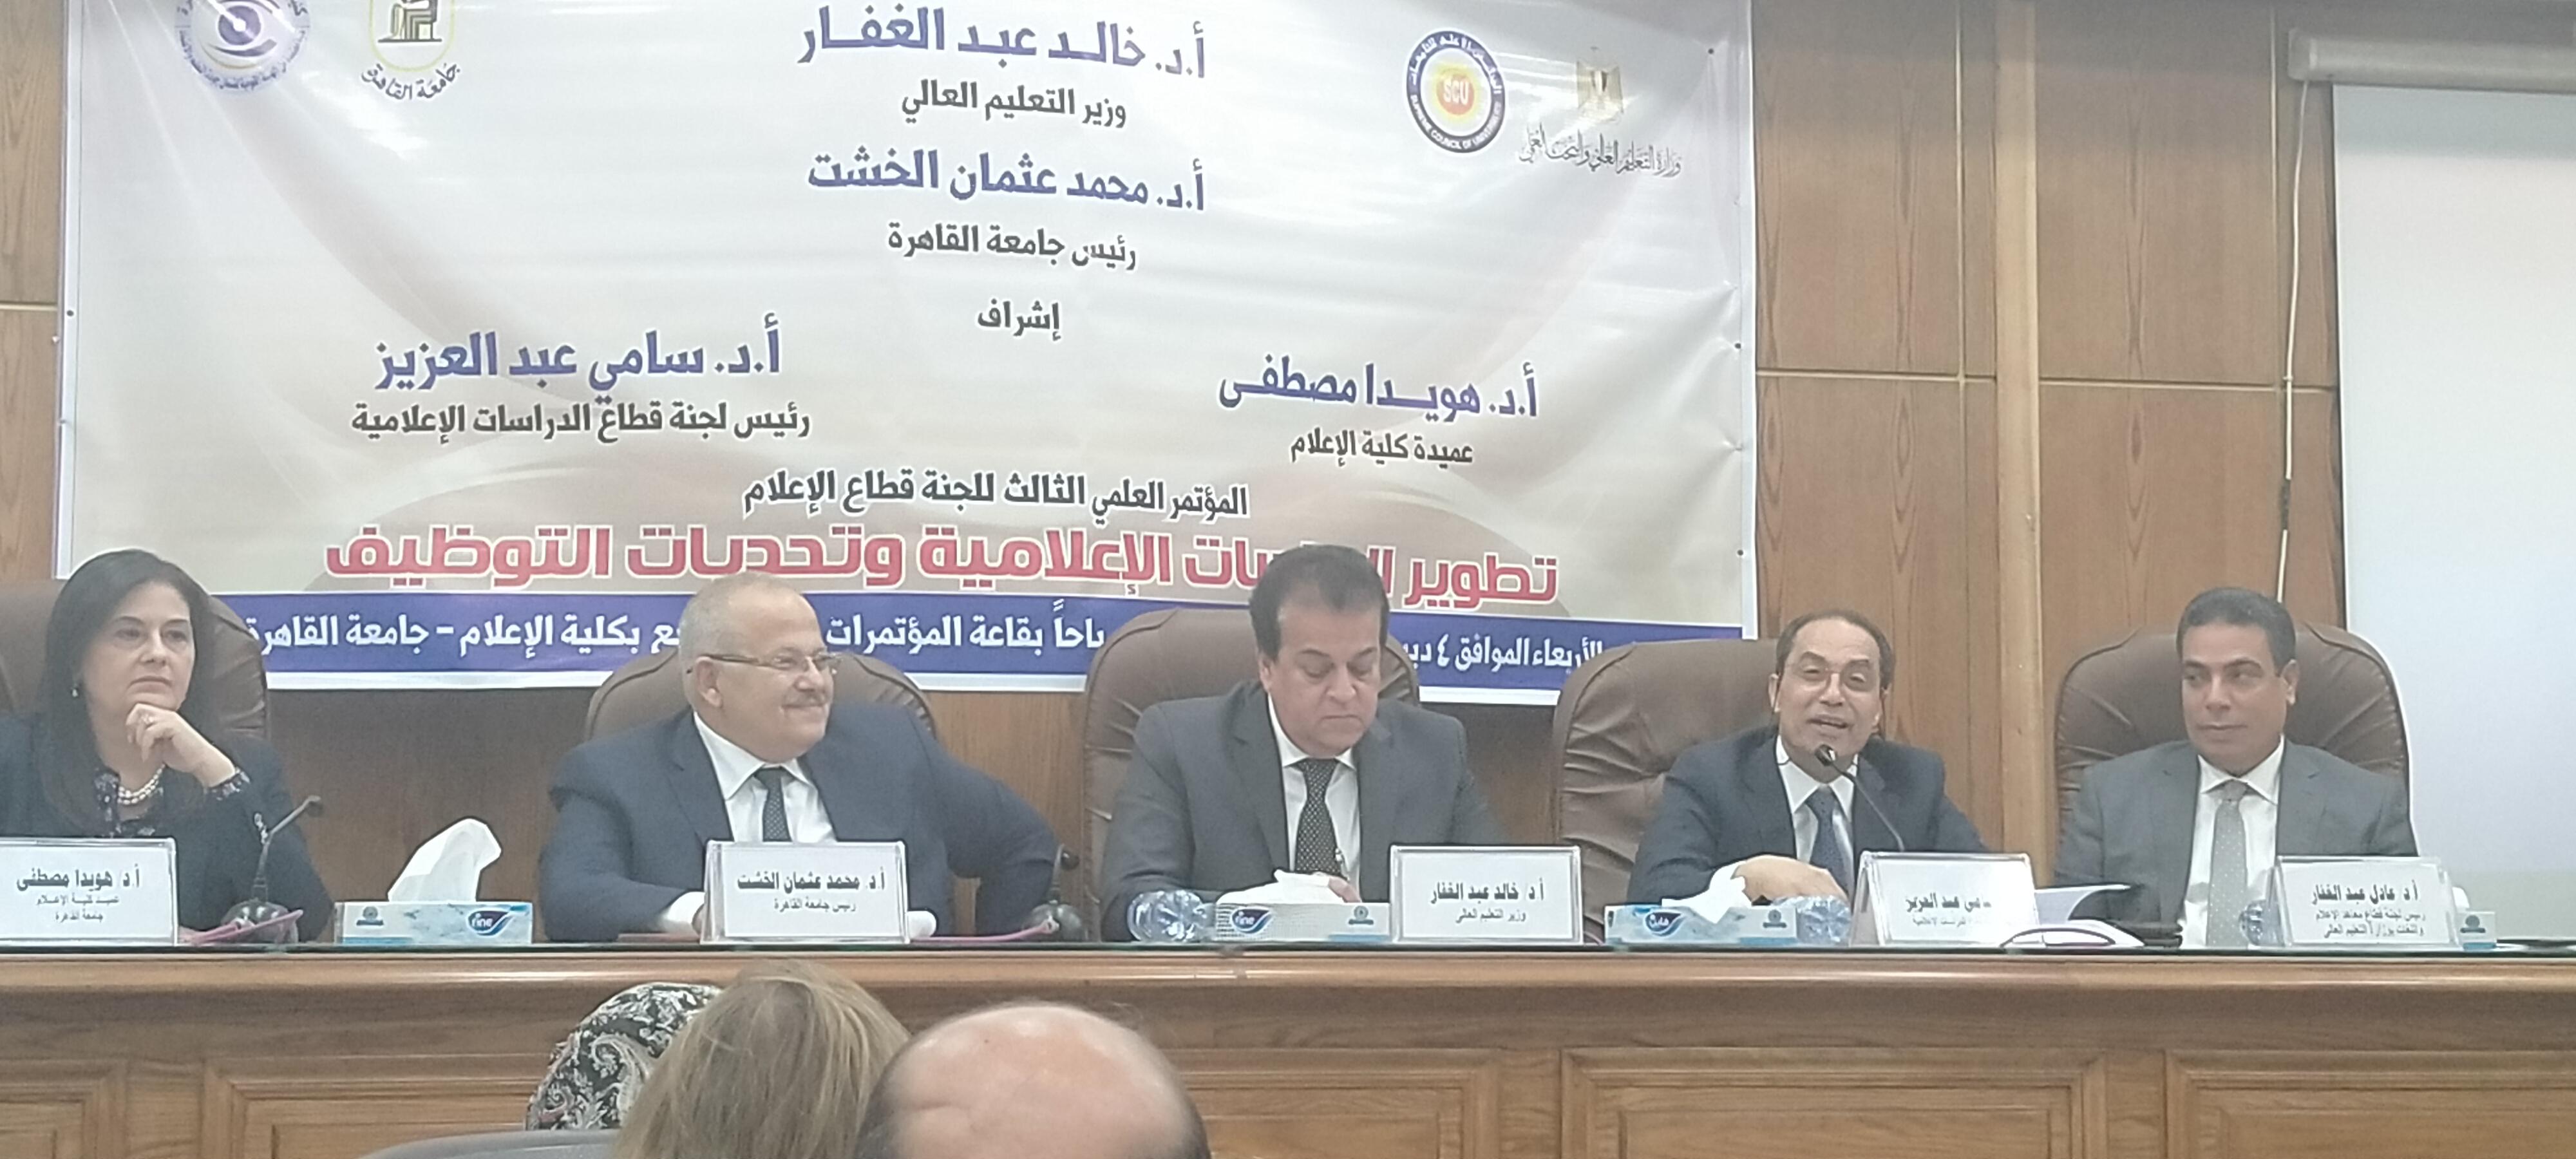 مؤتمر تطوير الدراسات الإعلامية وتحديات التوظيف   (7)